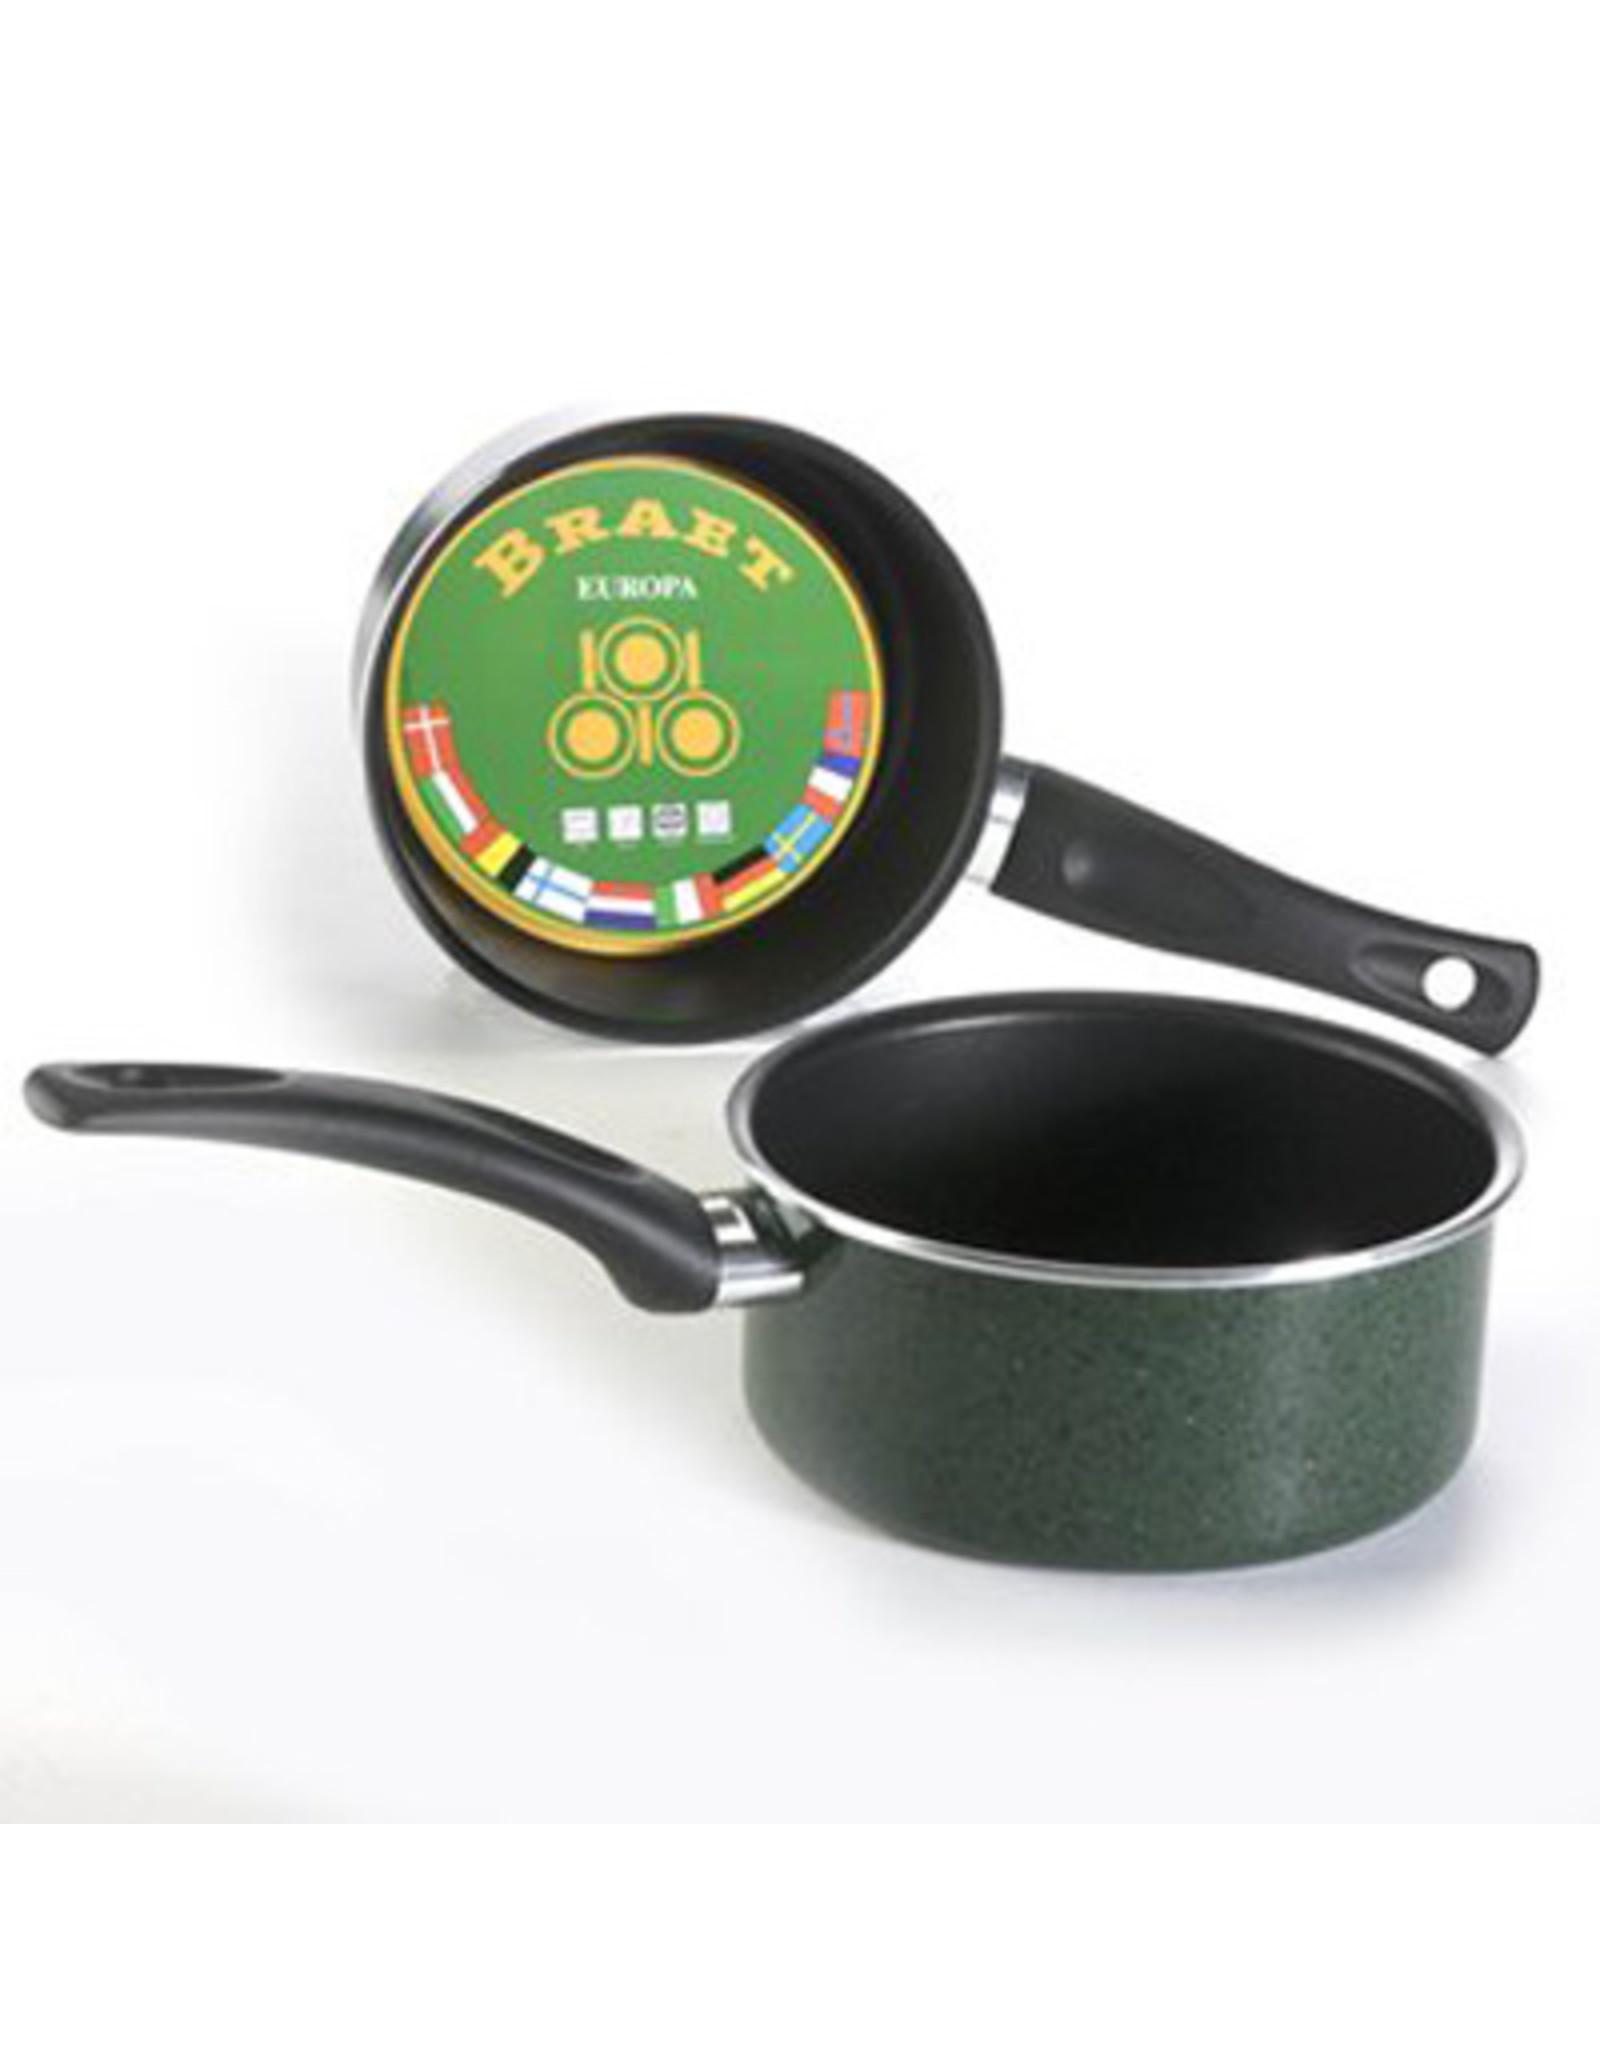 Braet Stielkasserolle 16 cm mit Schiefer Antihaft-Beschichtung.  Für Saucen. Ganz leicht zu reinigen